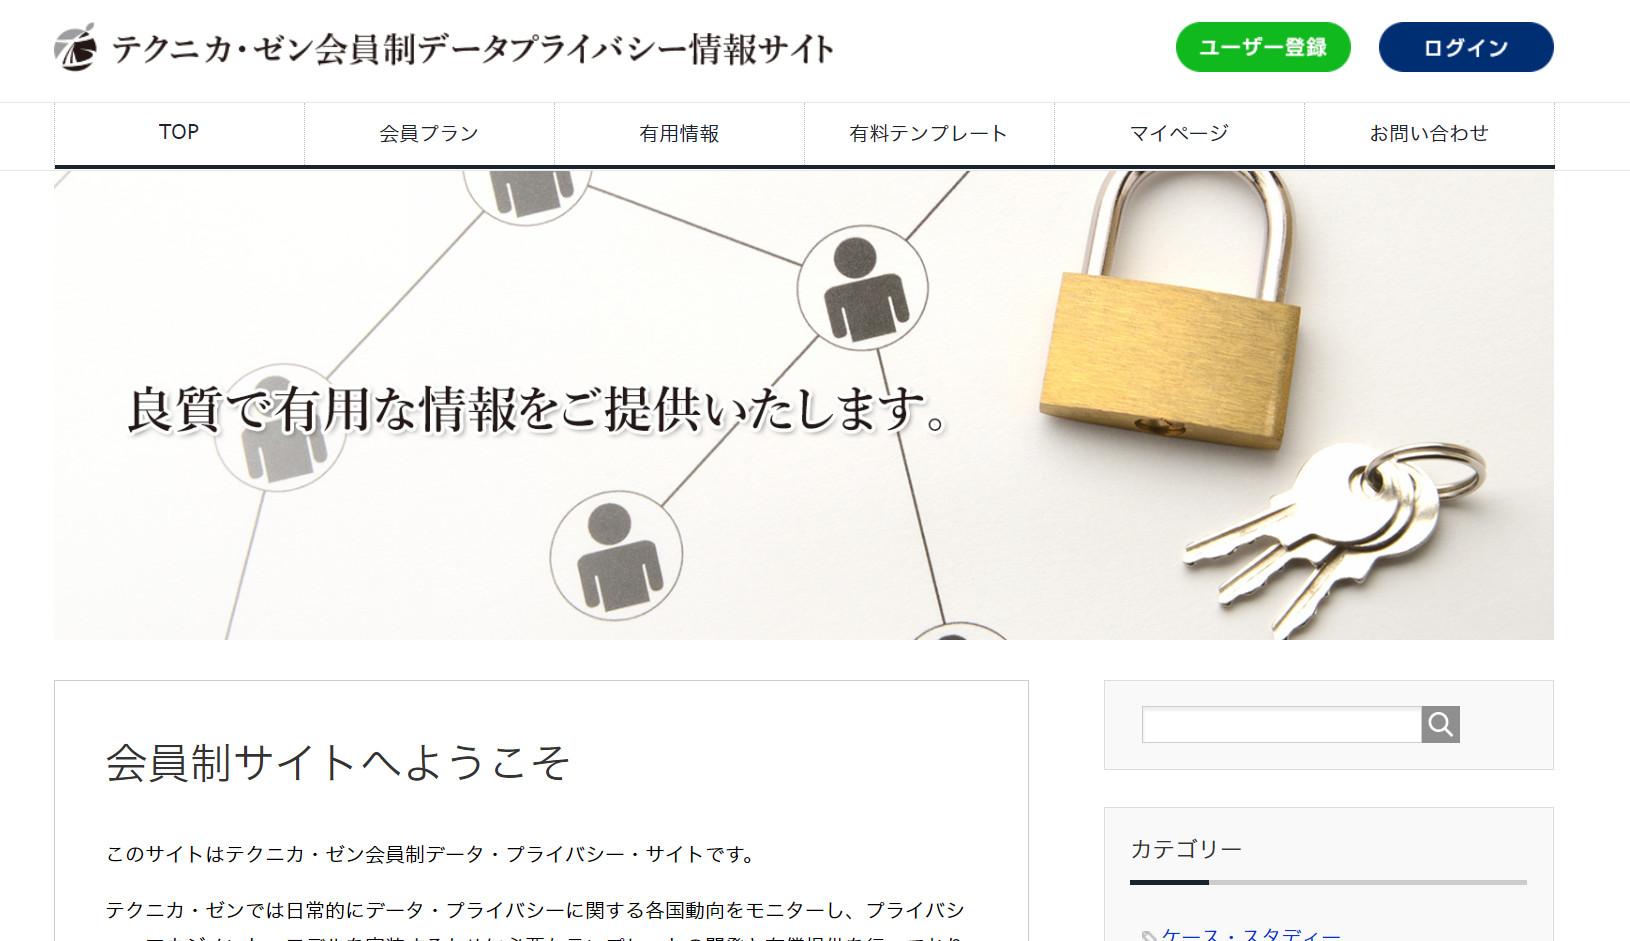 会員制データプライバシー情報サイト